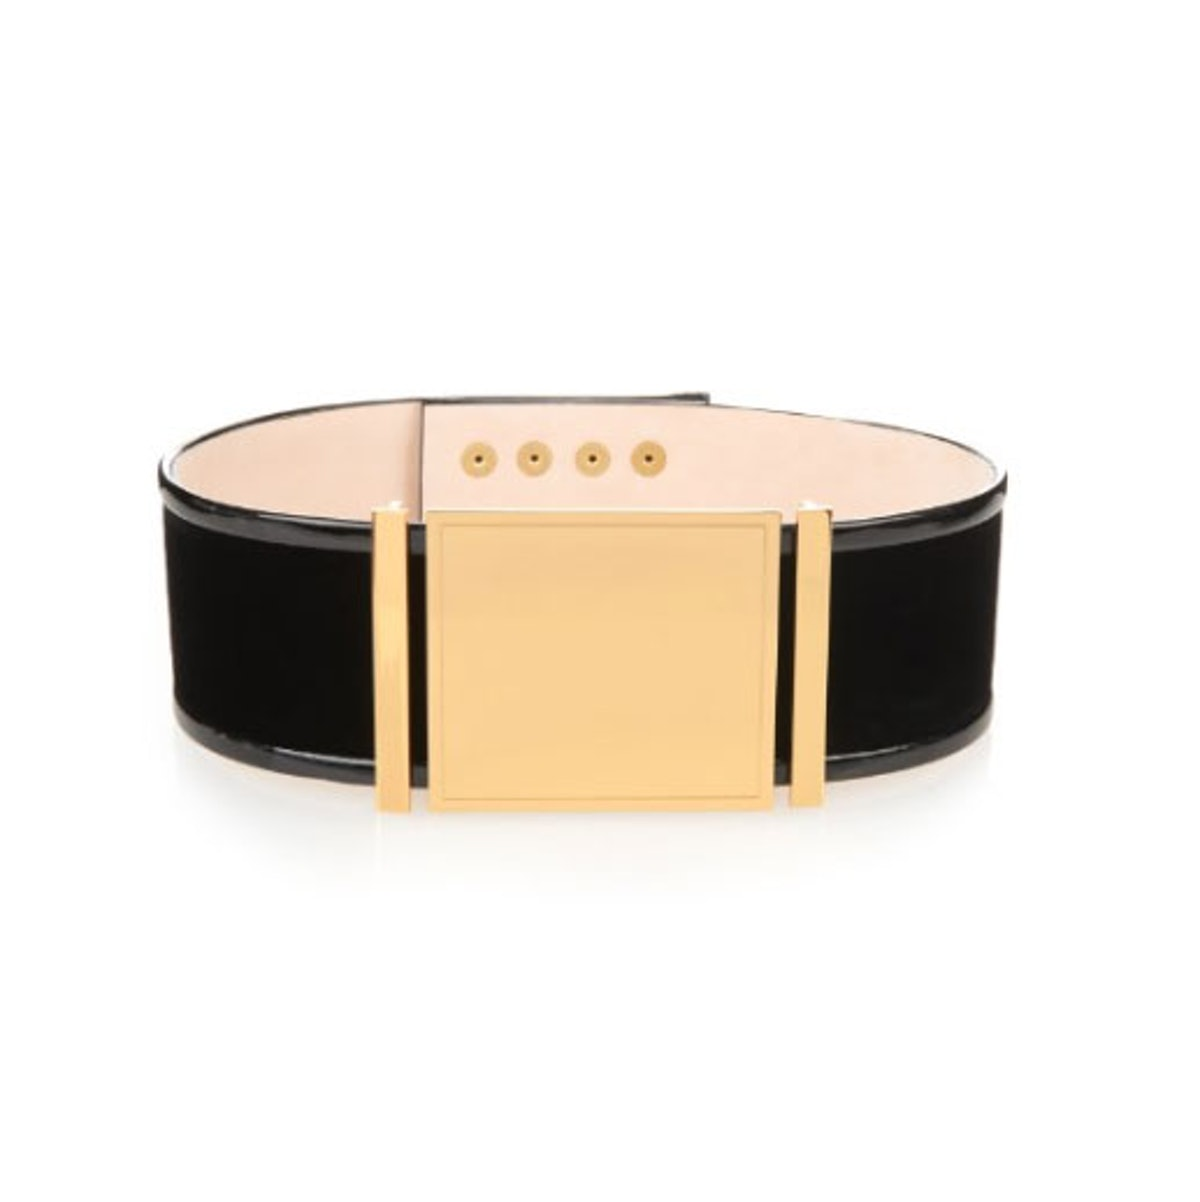 Balmain belt